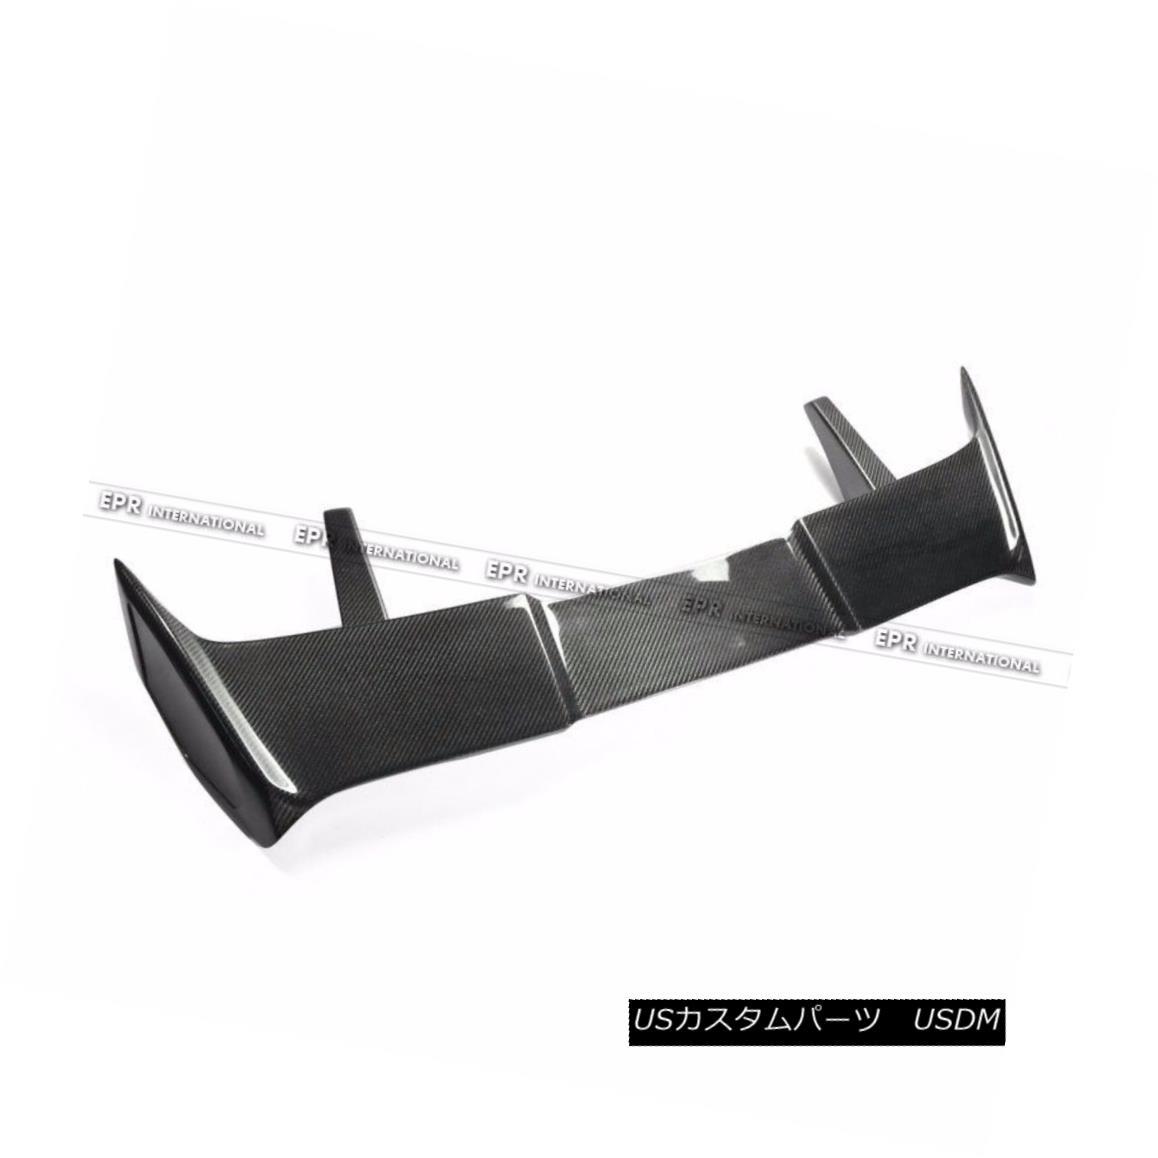 エアロパーツ Carbon Fiber Rear Spoiler Roof Wing Aero Kit For Hyundai Veloster Turbo MR V3 現代ベロスターターボMR V3用カーボンファイバーリアスポイラールーフウィングエアロキット